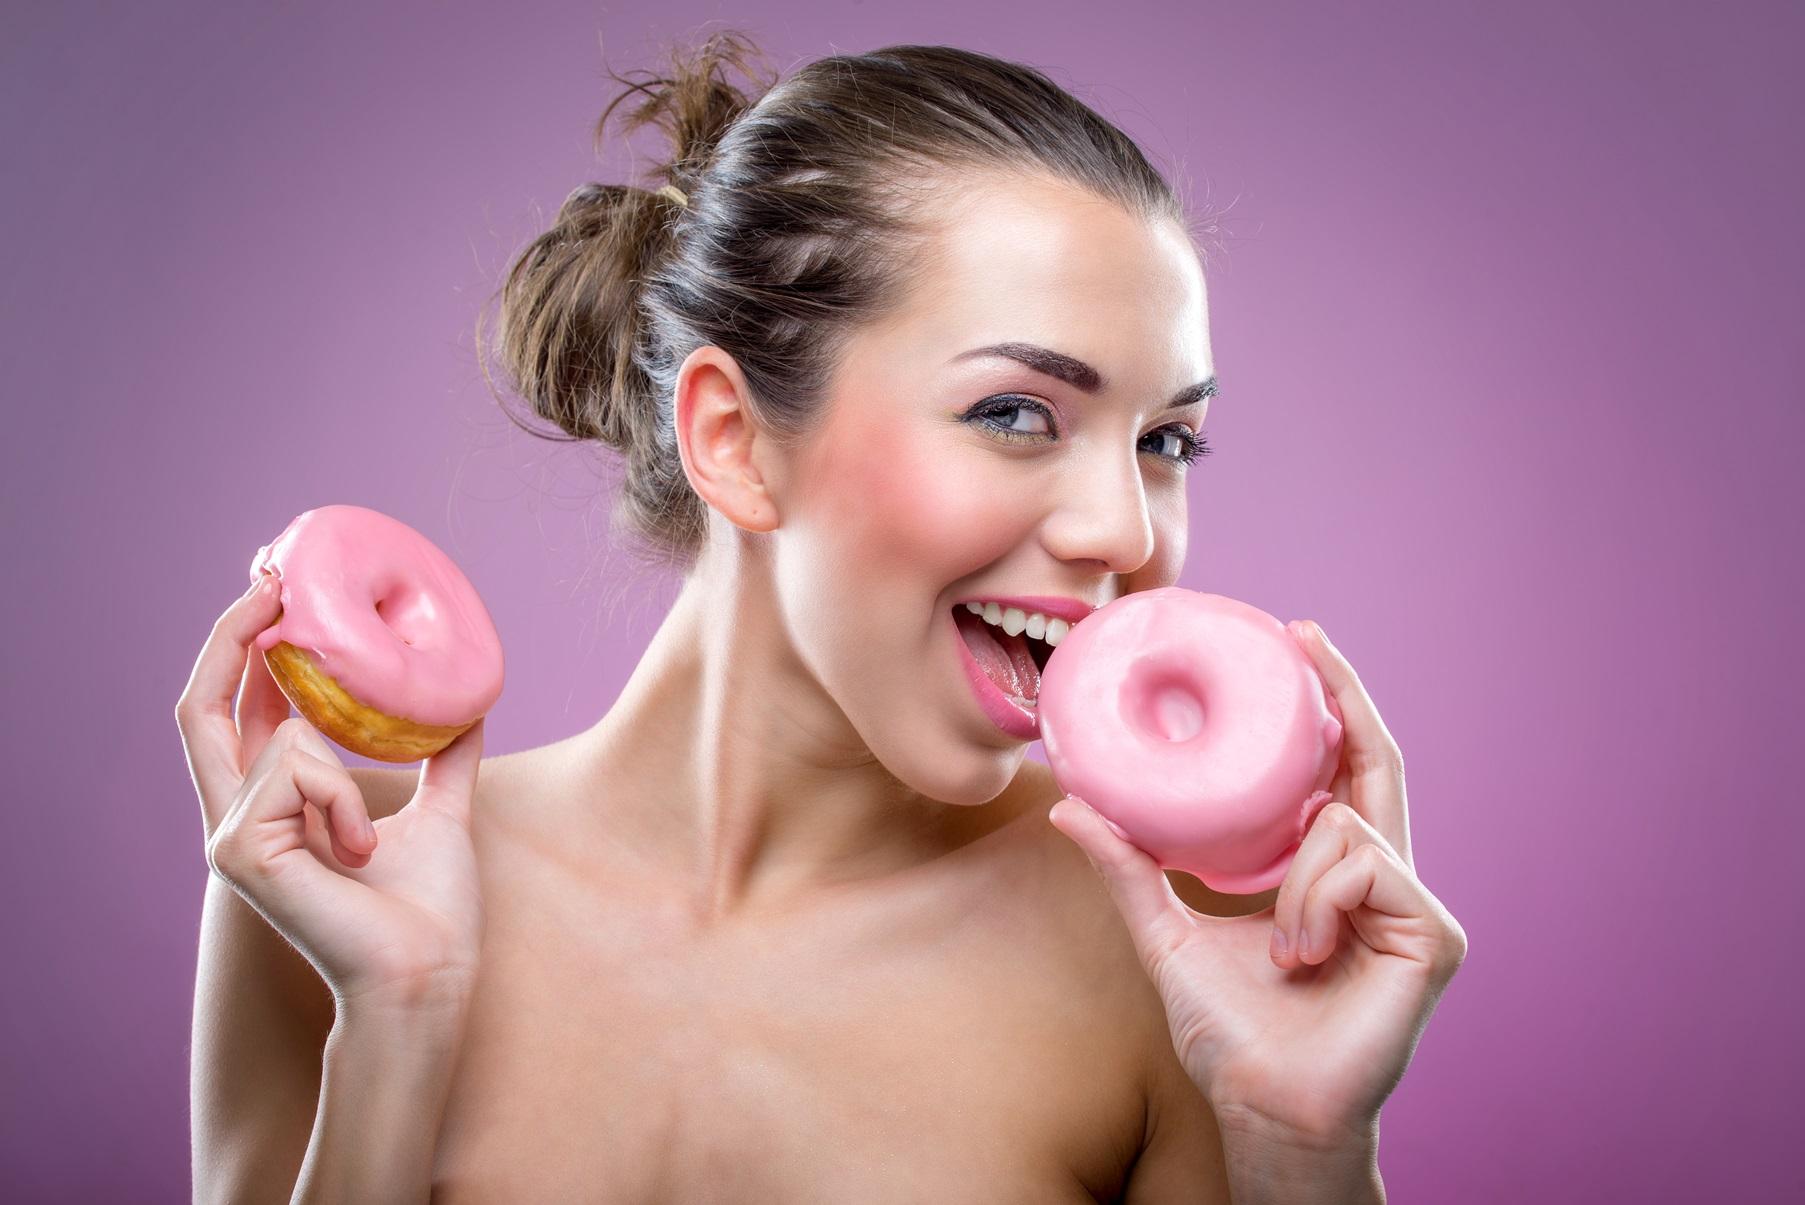 Вы любите сахар? Это может быть симптом стригущего лишая!